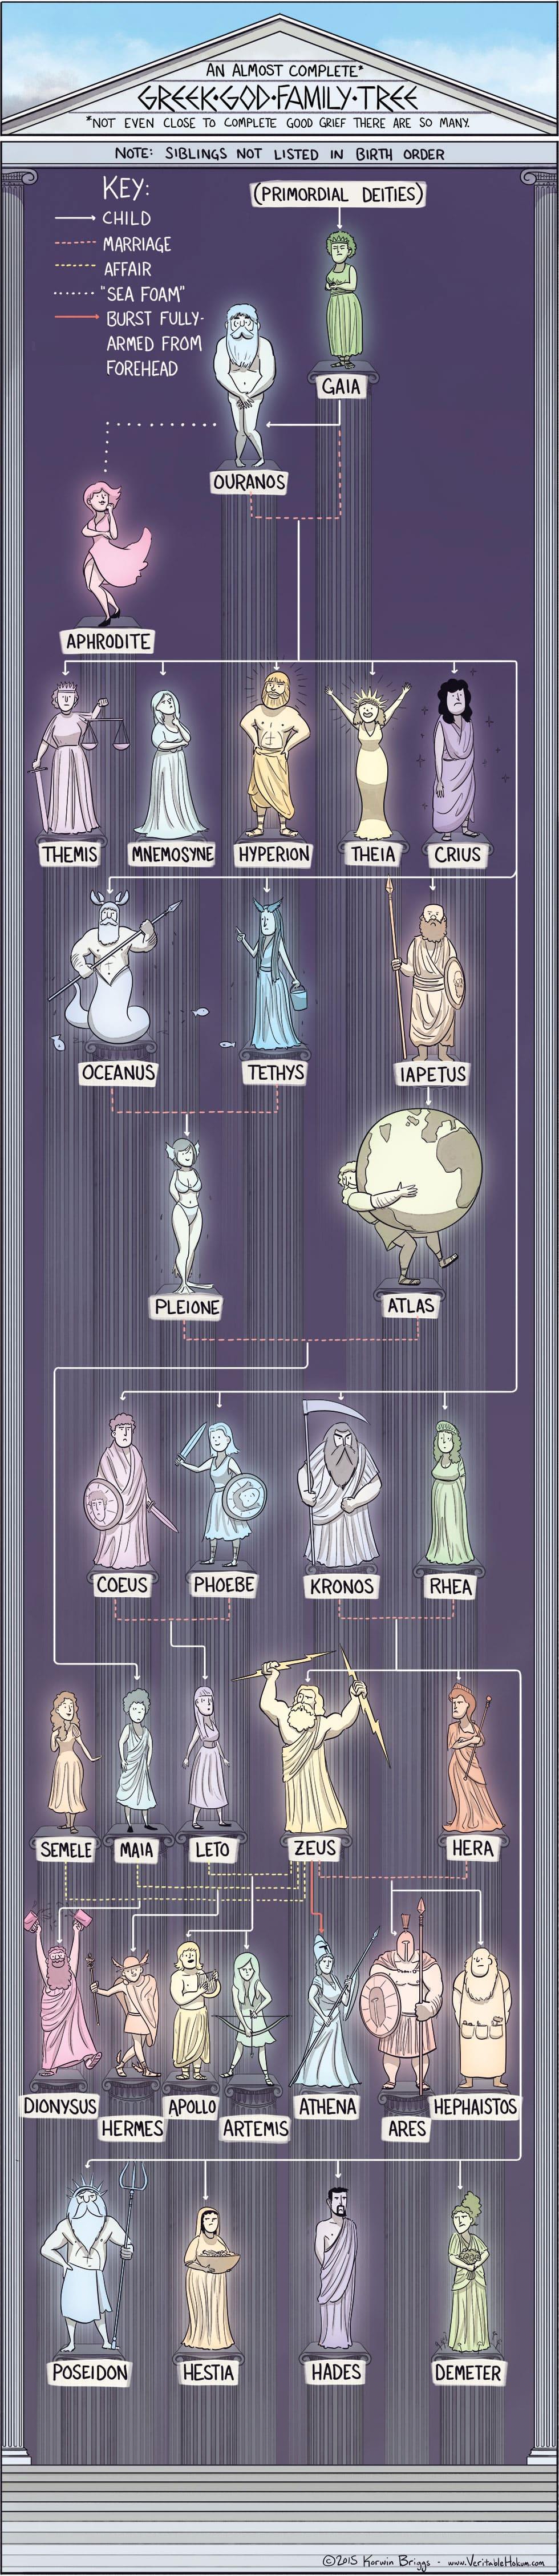 greek-god-family-tree.jpg